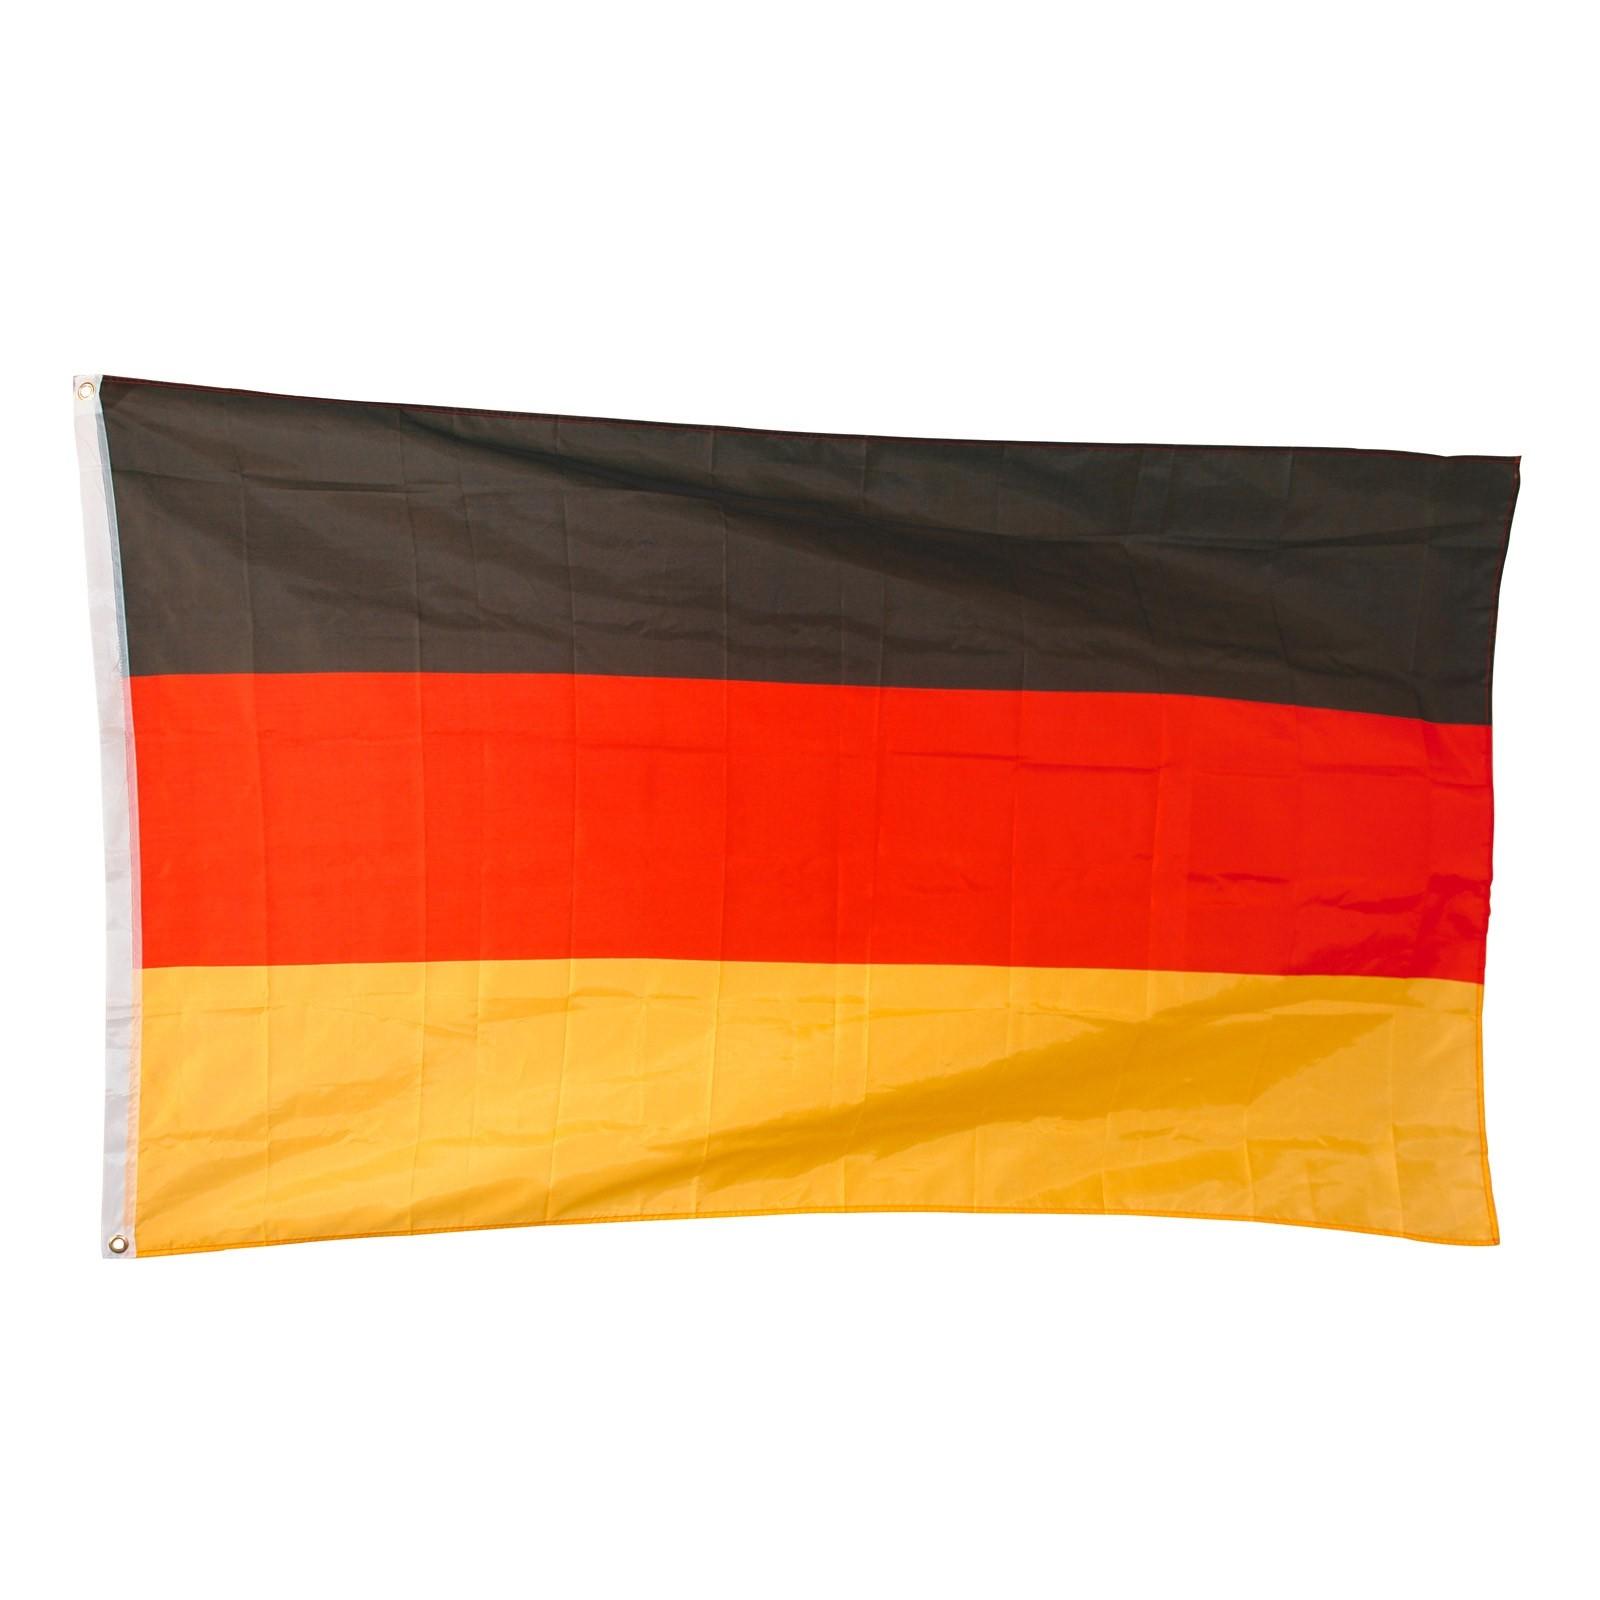 Dema Deutschlandfahne Flagge Deutschland Fahne Deutschlandflagge 90x150 cm 94006